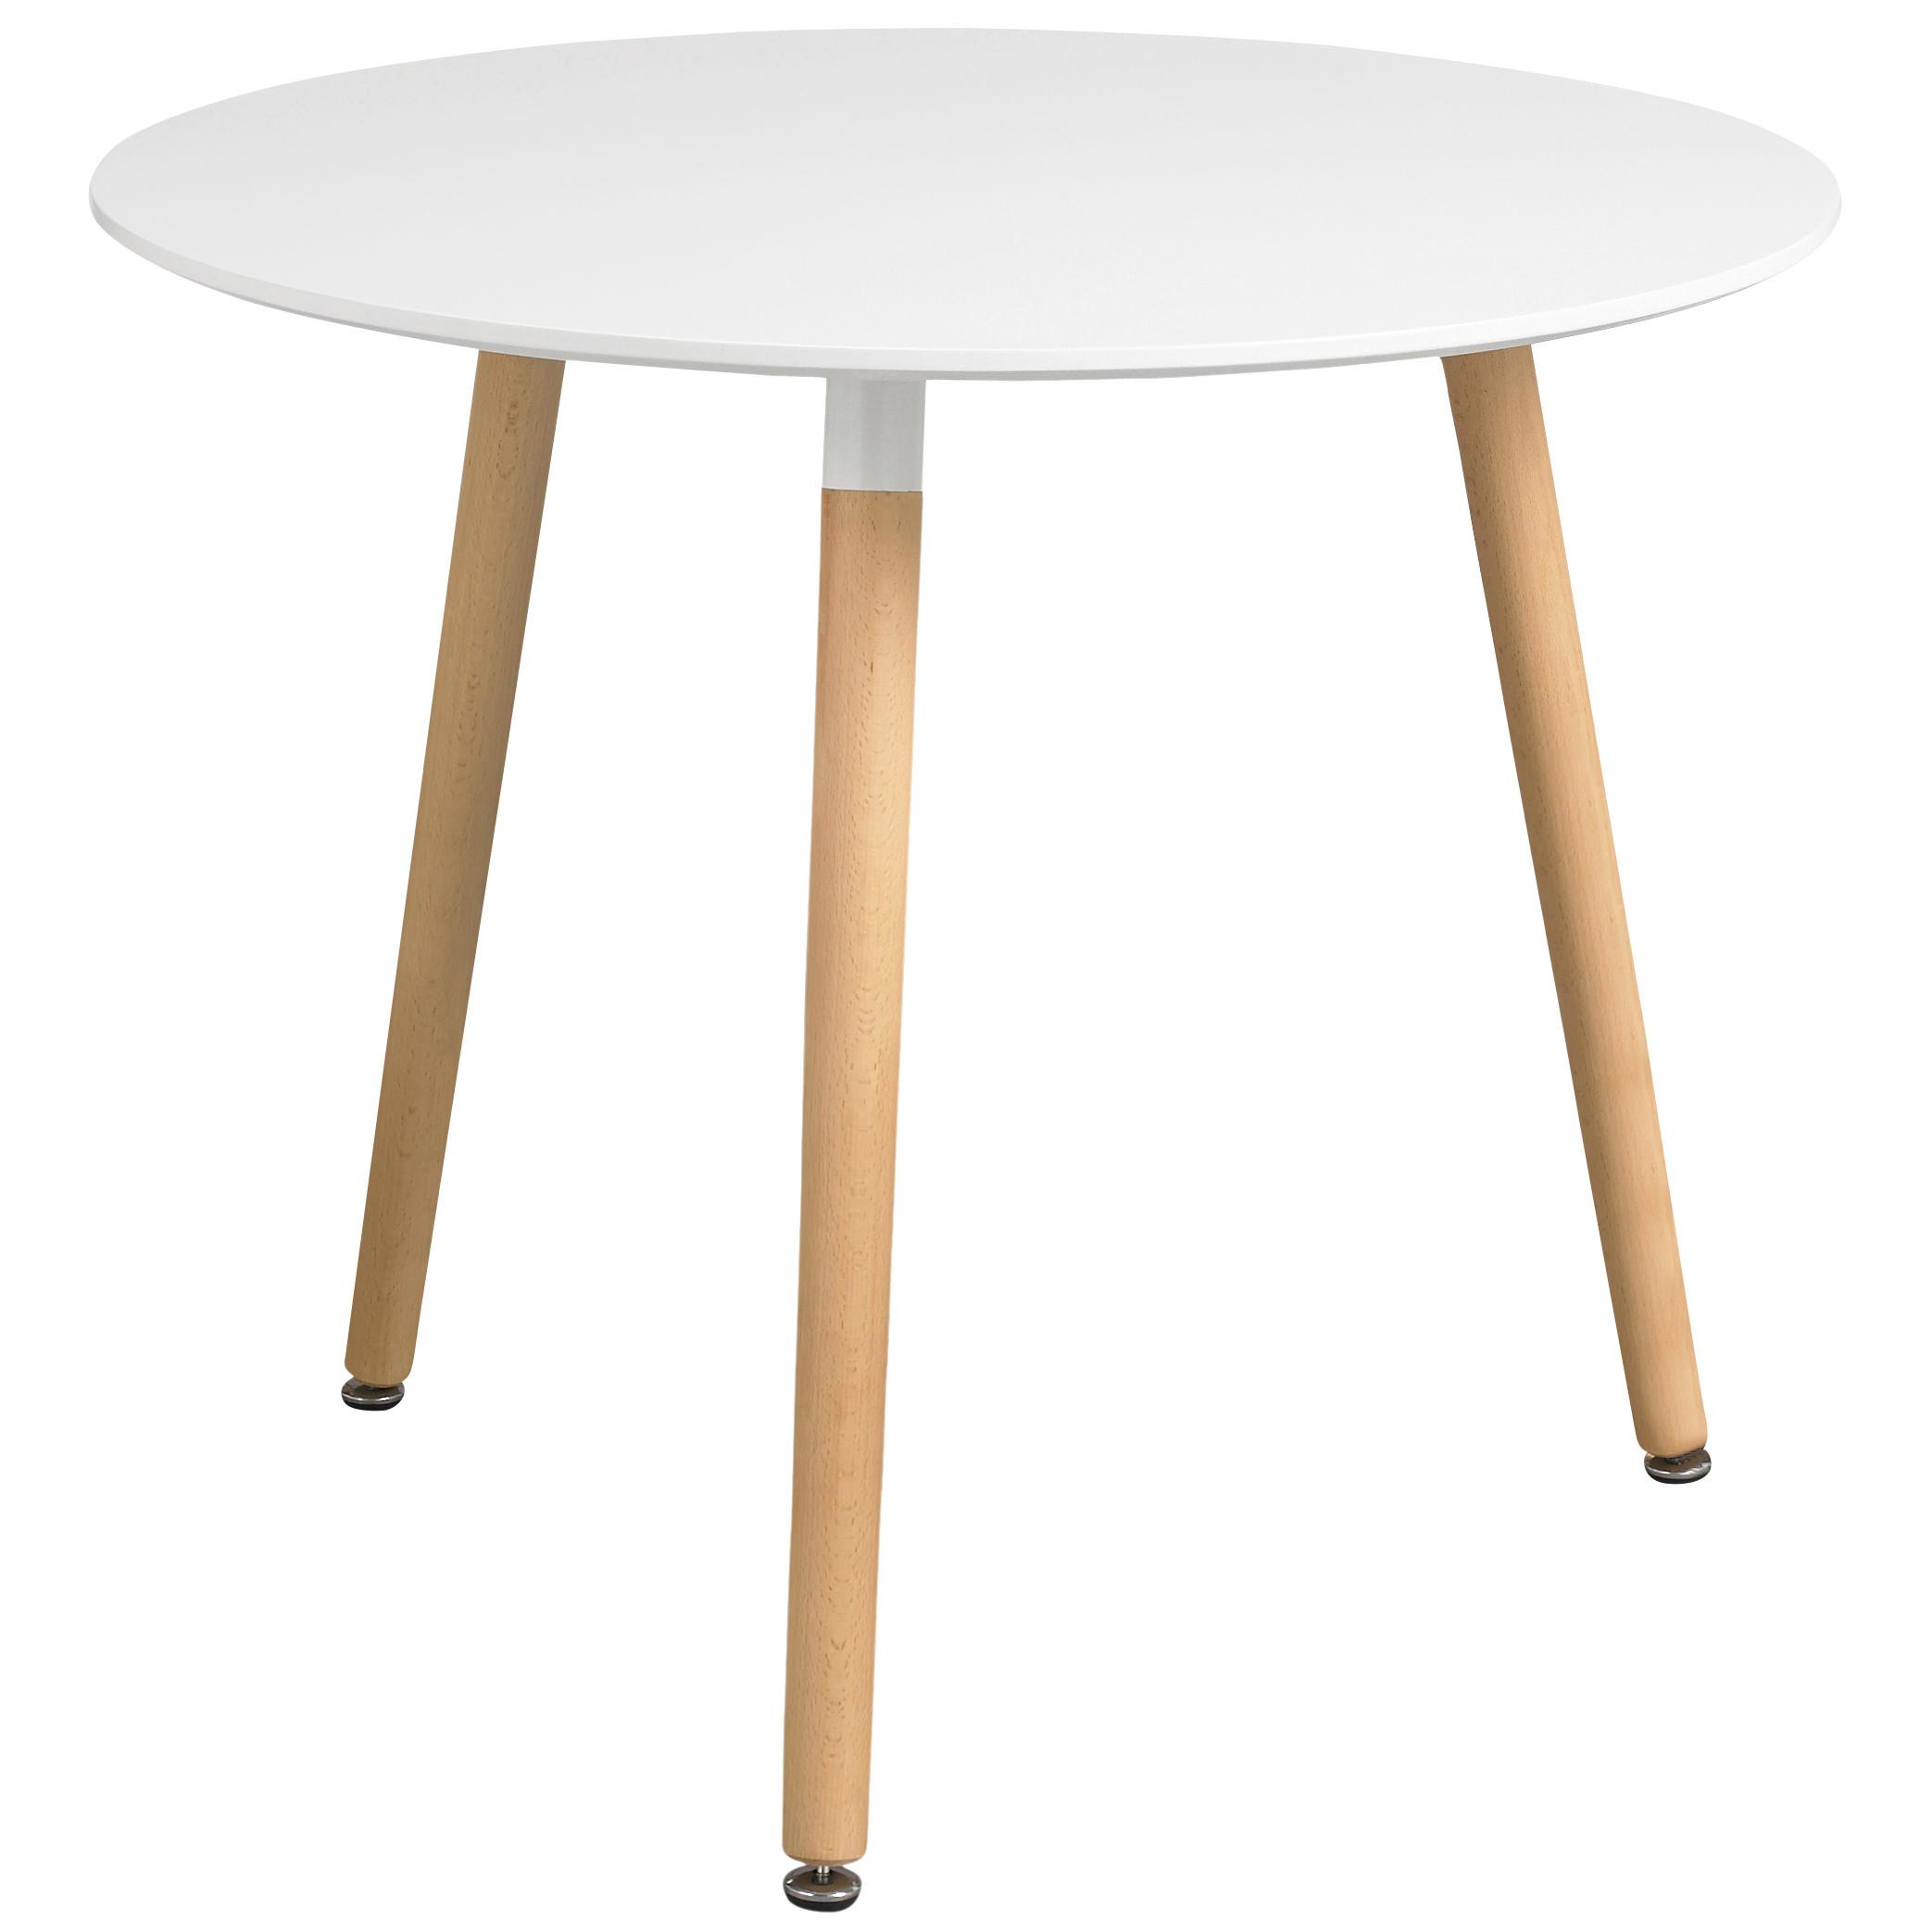 Painted Finish Round Dining Table Black White eBay : l721orlydiningtablewhite1 from www.ebay.co.uk size 2086 x 2086 jpeg 139kB